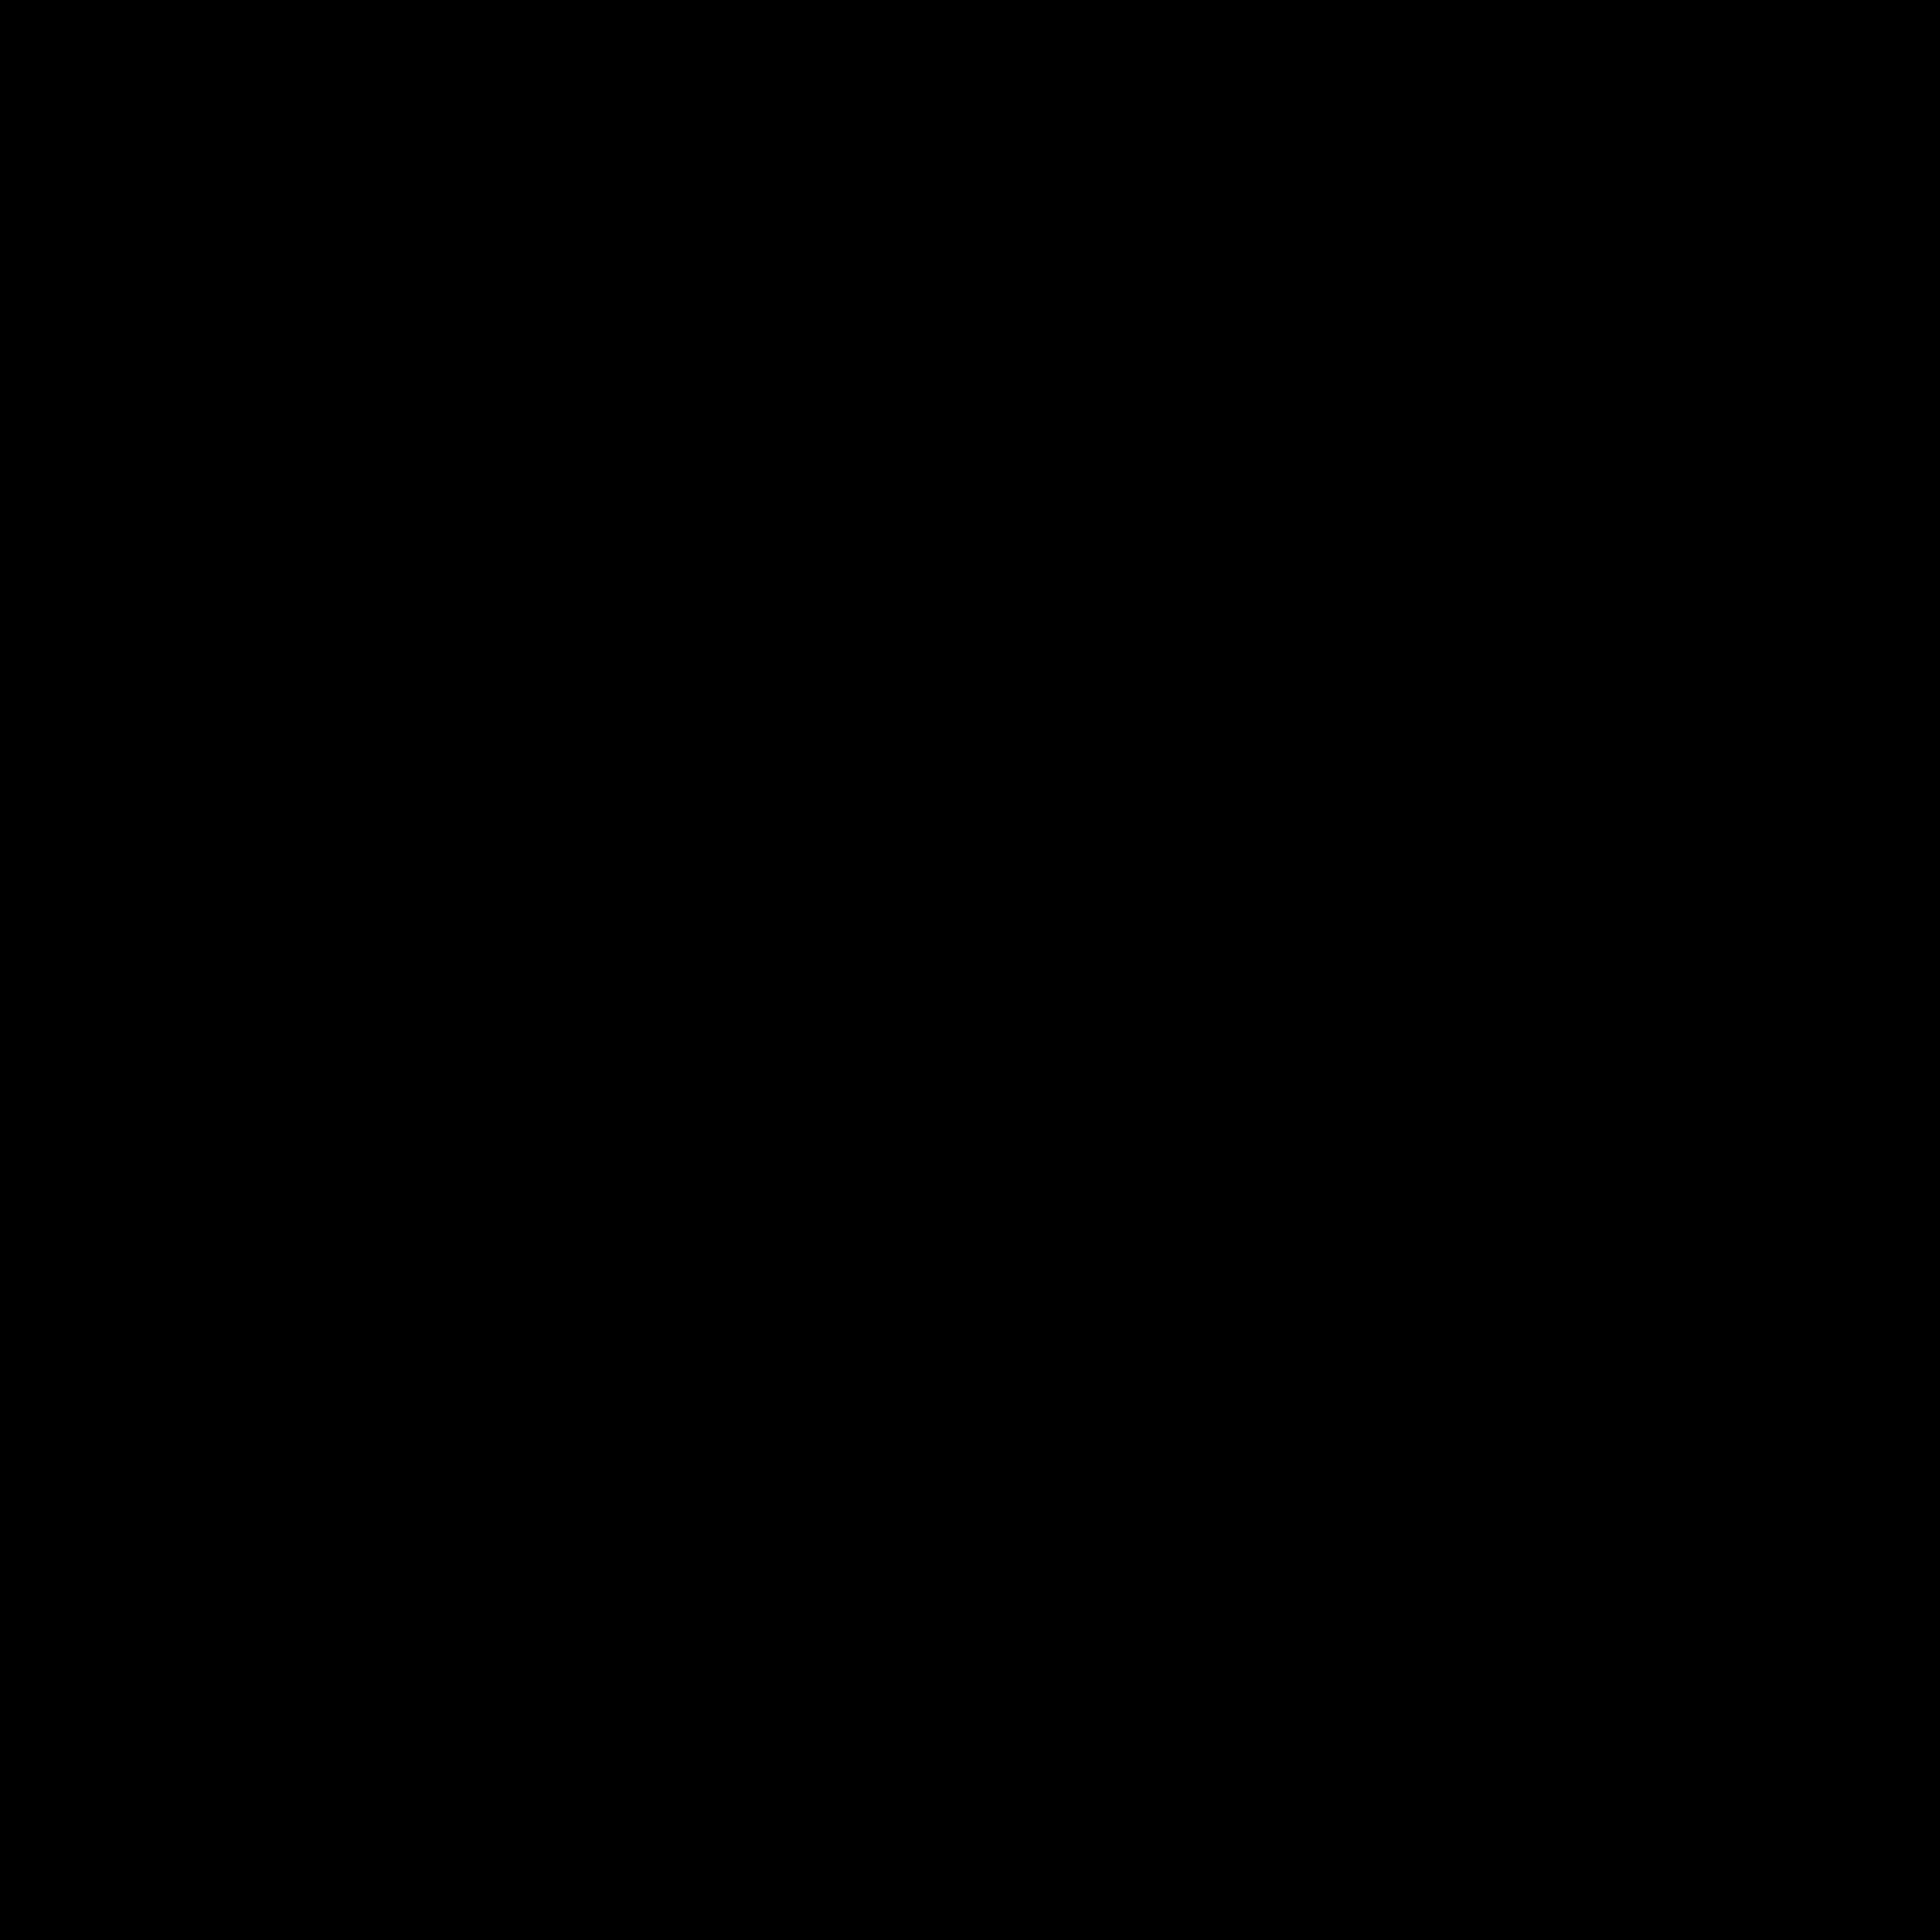 Pictorial mark Grindr Logo.